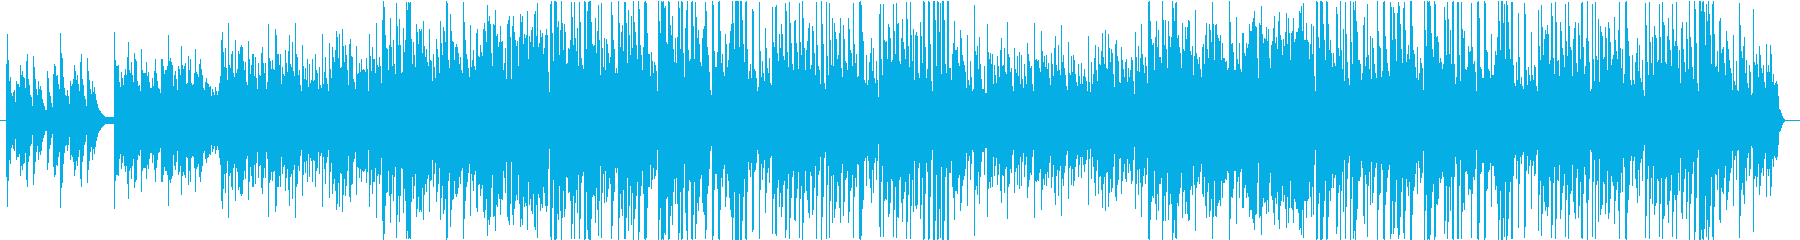 優しく切ないピアノメインのバラードの再生済みの波形